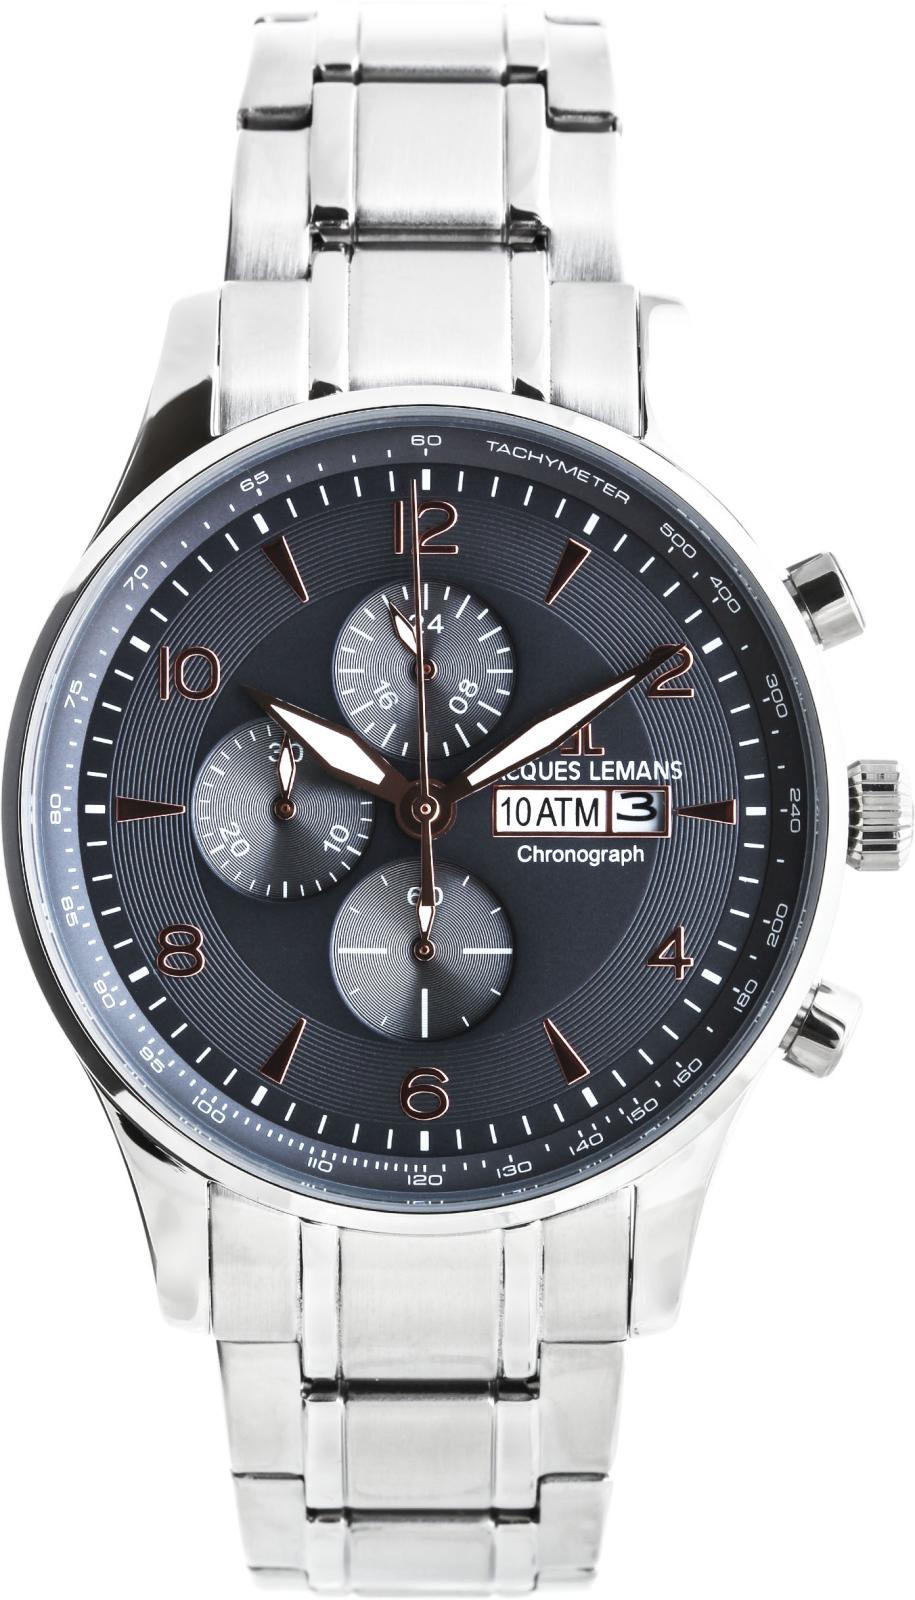 Jacques Lemans London 1-1844KНаручные часы<br>Австрийские часы Jacques Lemans London 1-1844K<br><br>Пол: Мужские<br>Страна-производитель: Австрия<br>Механизм: Кварцевый<br>Материал корпуса: Сталь<br>Материал ремня/браслета: Сталь<br>Водозащита, диапазон: None<br>Стекло: Минеральное<br>Толщина корпуса: None<br>Стиль: None